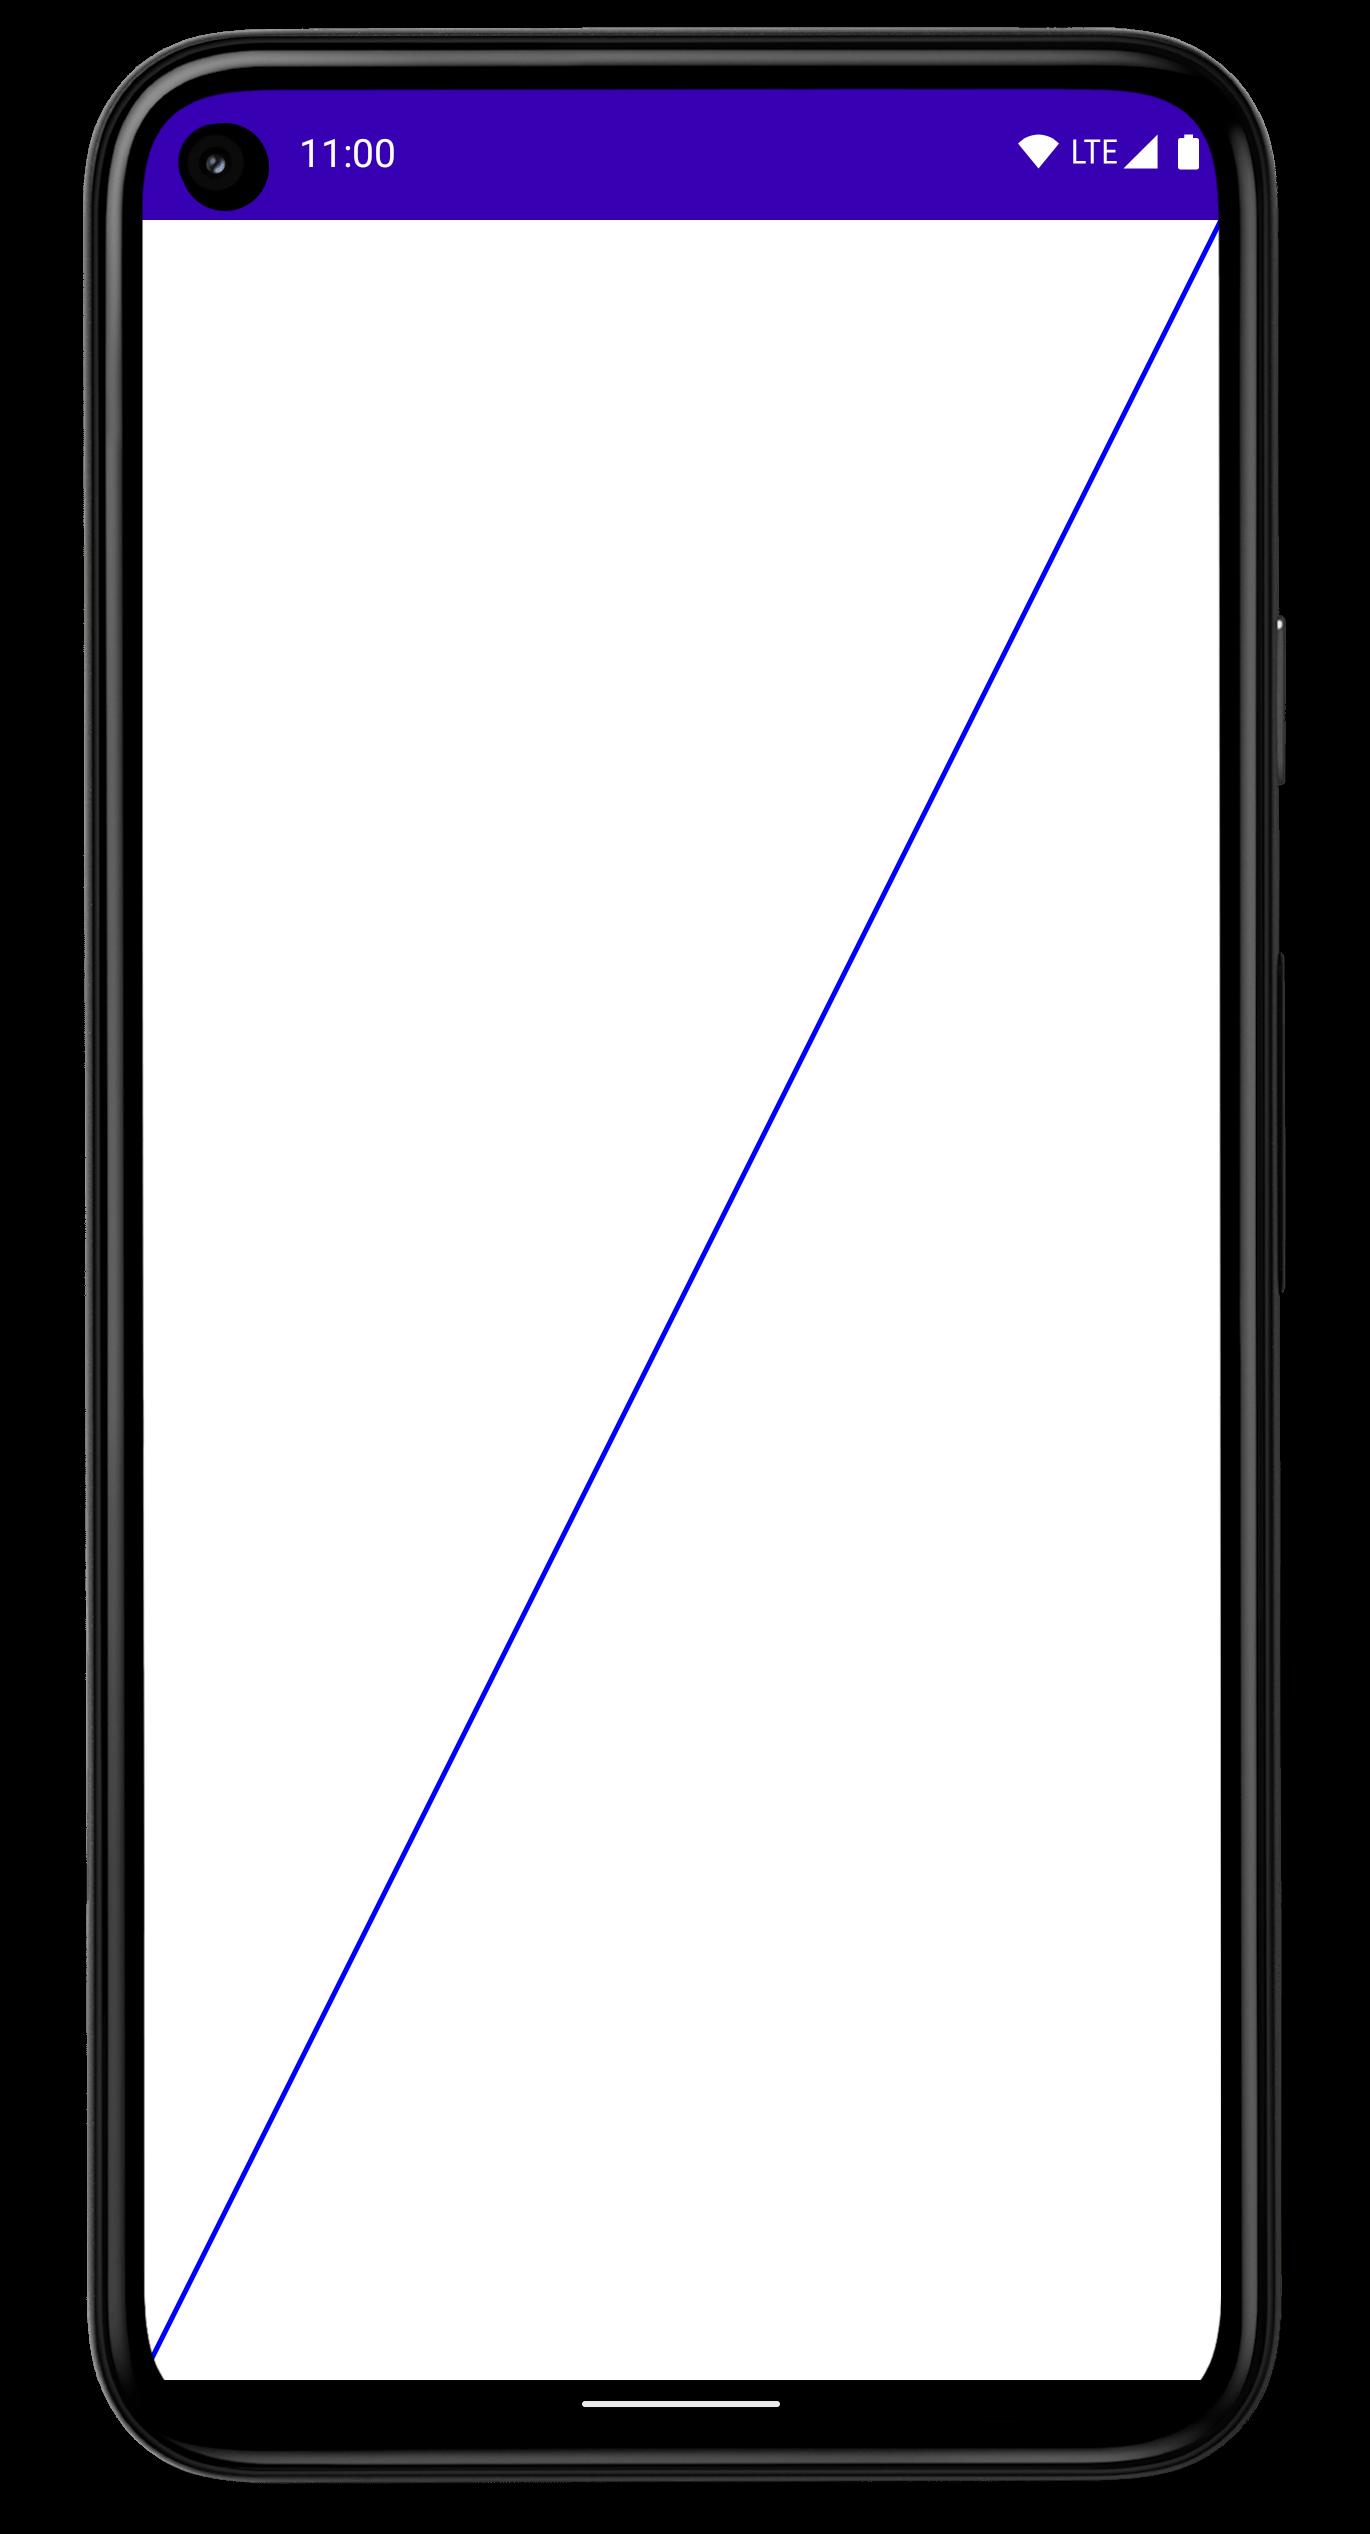 화면을 가로질러 대각선 방향으로 굵은 선이 그려져 있는 휴대전화